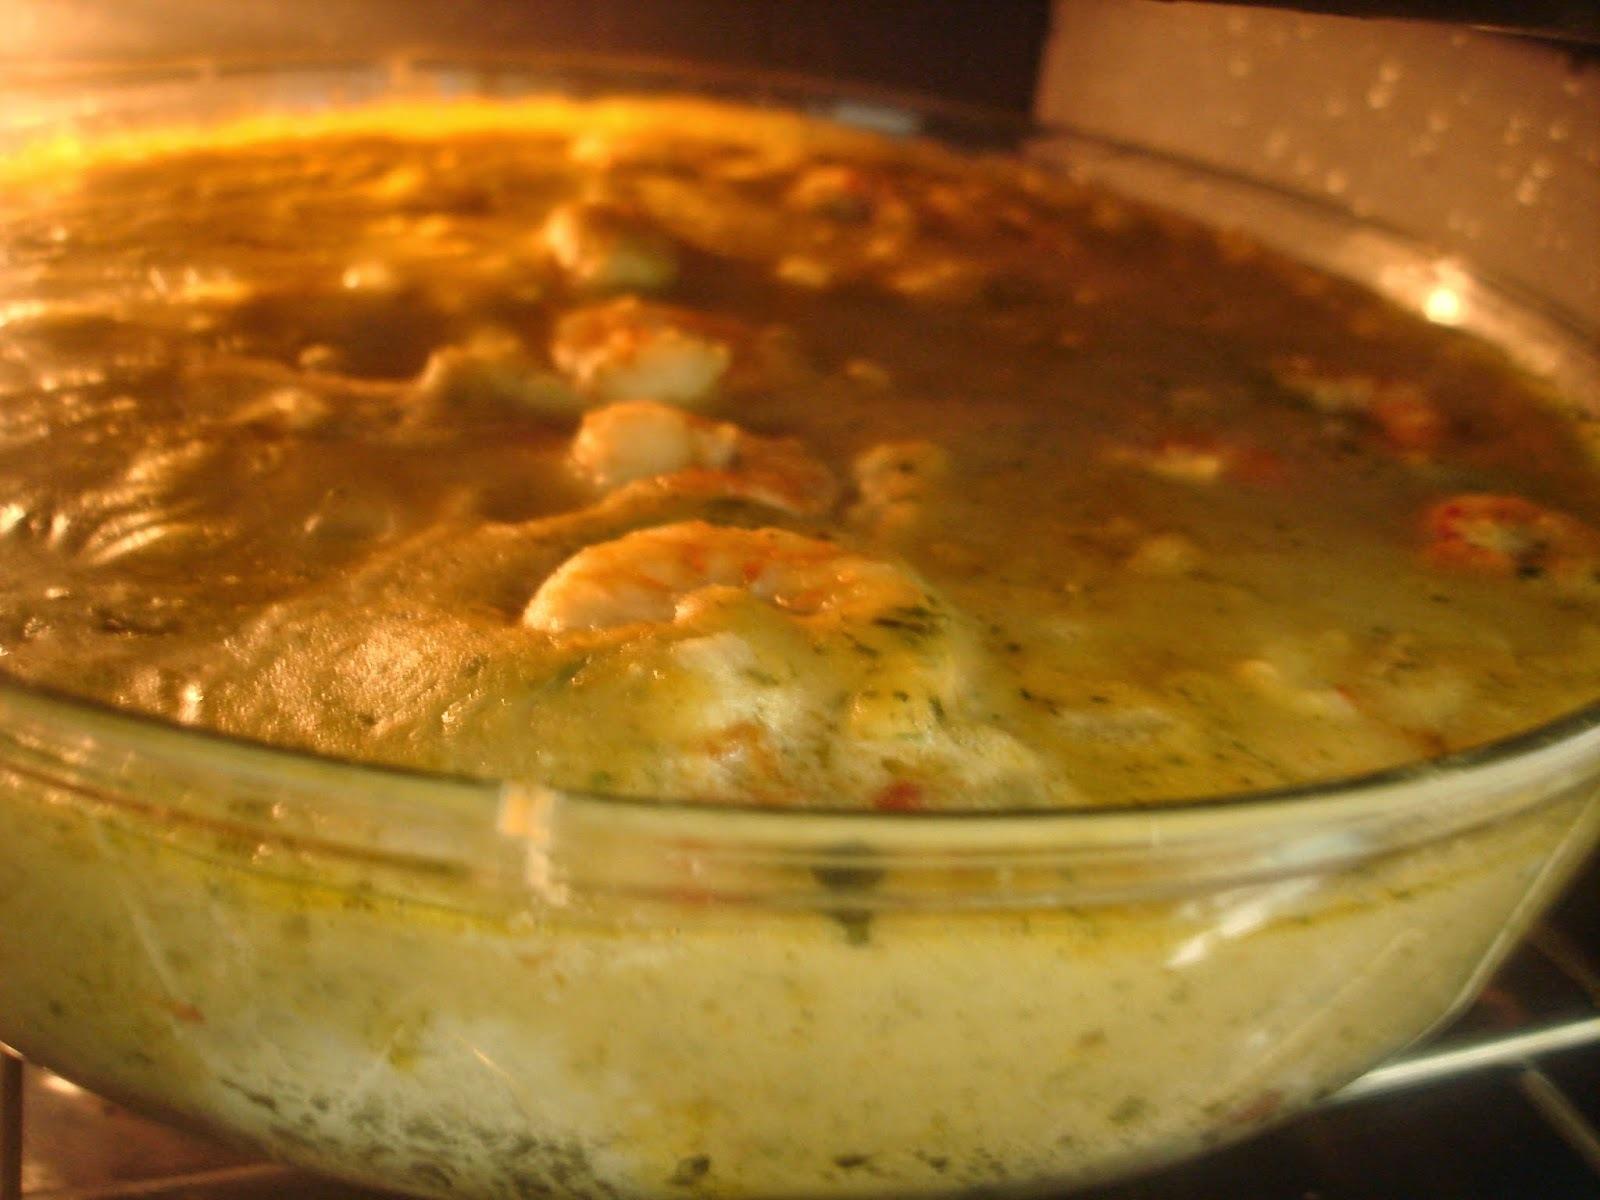 Creme ao forno: Camarão, Peixe e Purê (Aipim/Macaxeira/Mandioca) - em um só prato - é para surpreender!